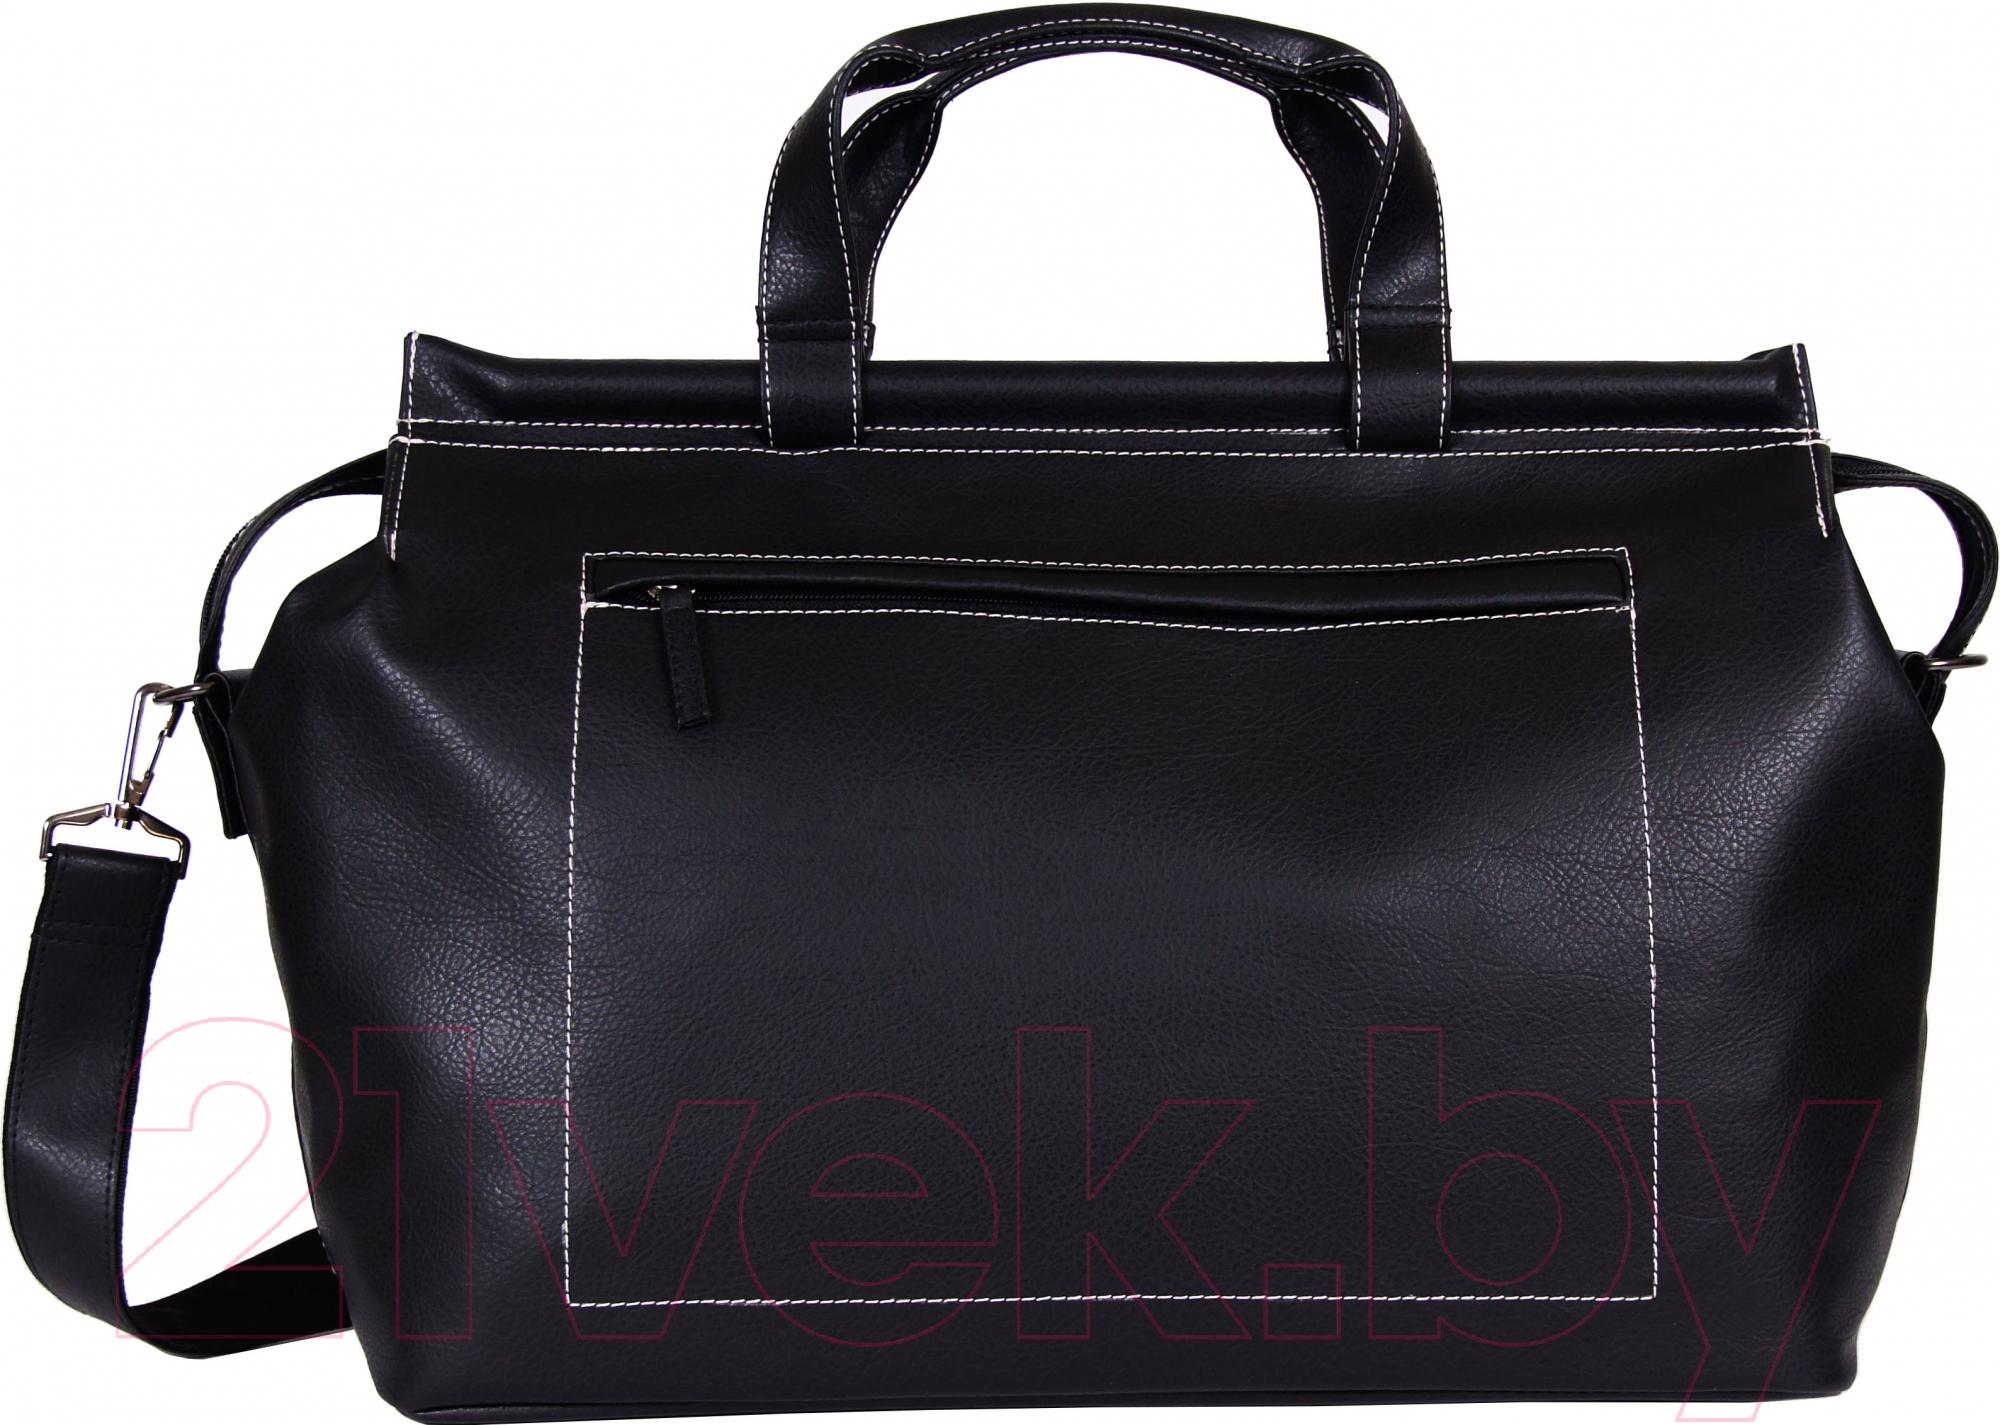 Купить Дорожная сумка BorZa, 716-01001 (черный), Беларусь, искусственная кожа